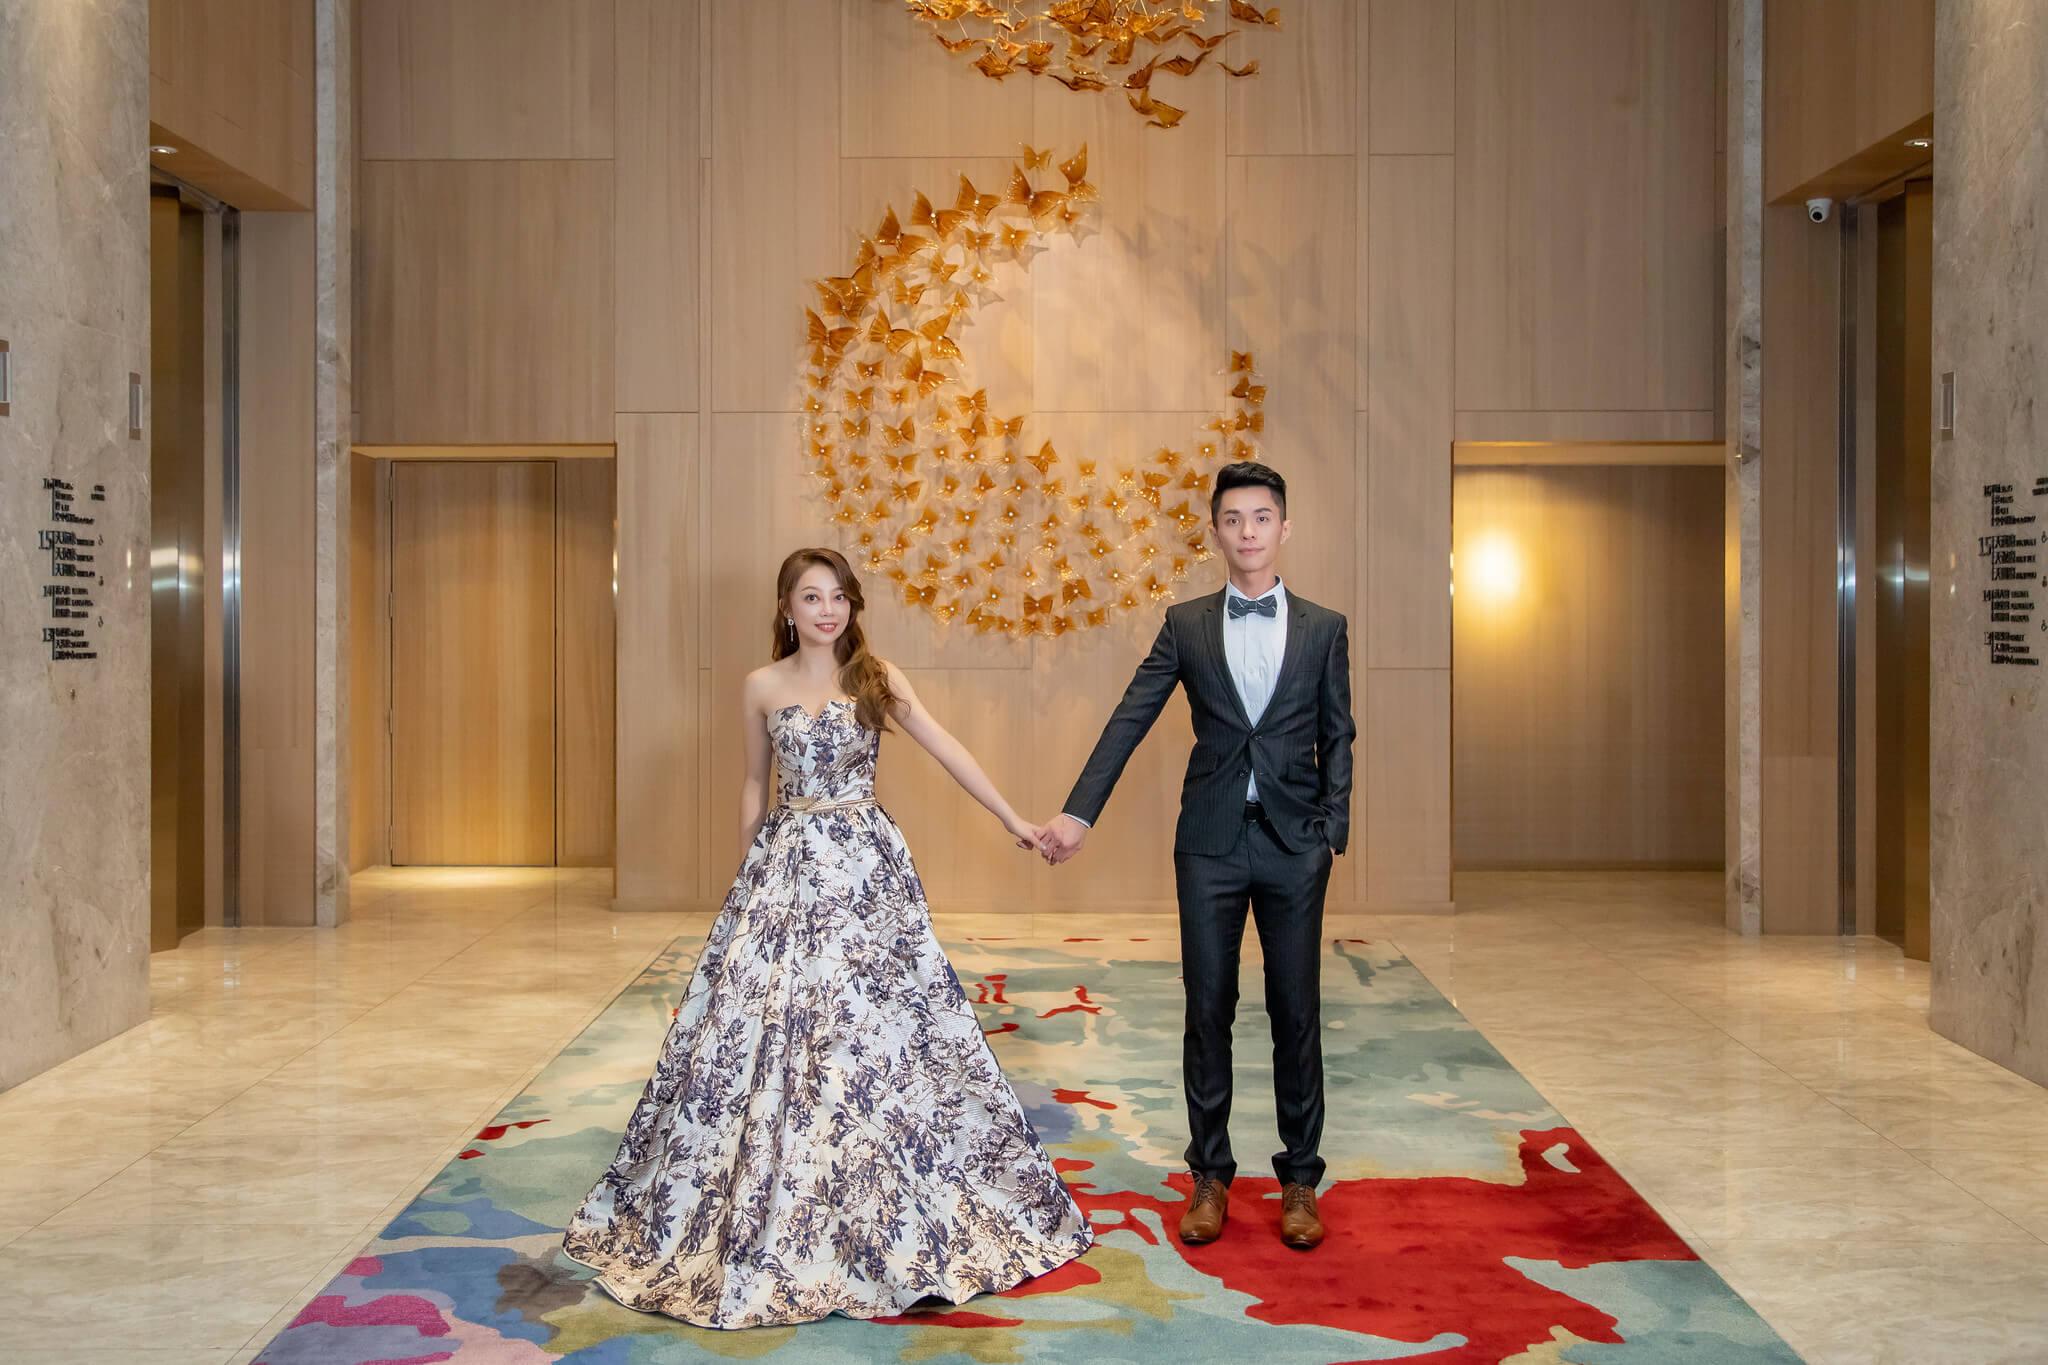 婚禮攝影,台北婚攝,格萊天漾,格萊天漾婚攝,婚攝推薦,婚攝ptt推薦,婚攝作品,婚攝價格,格萊天漾婚宴,格萊天漾婚禮記錄